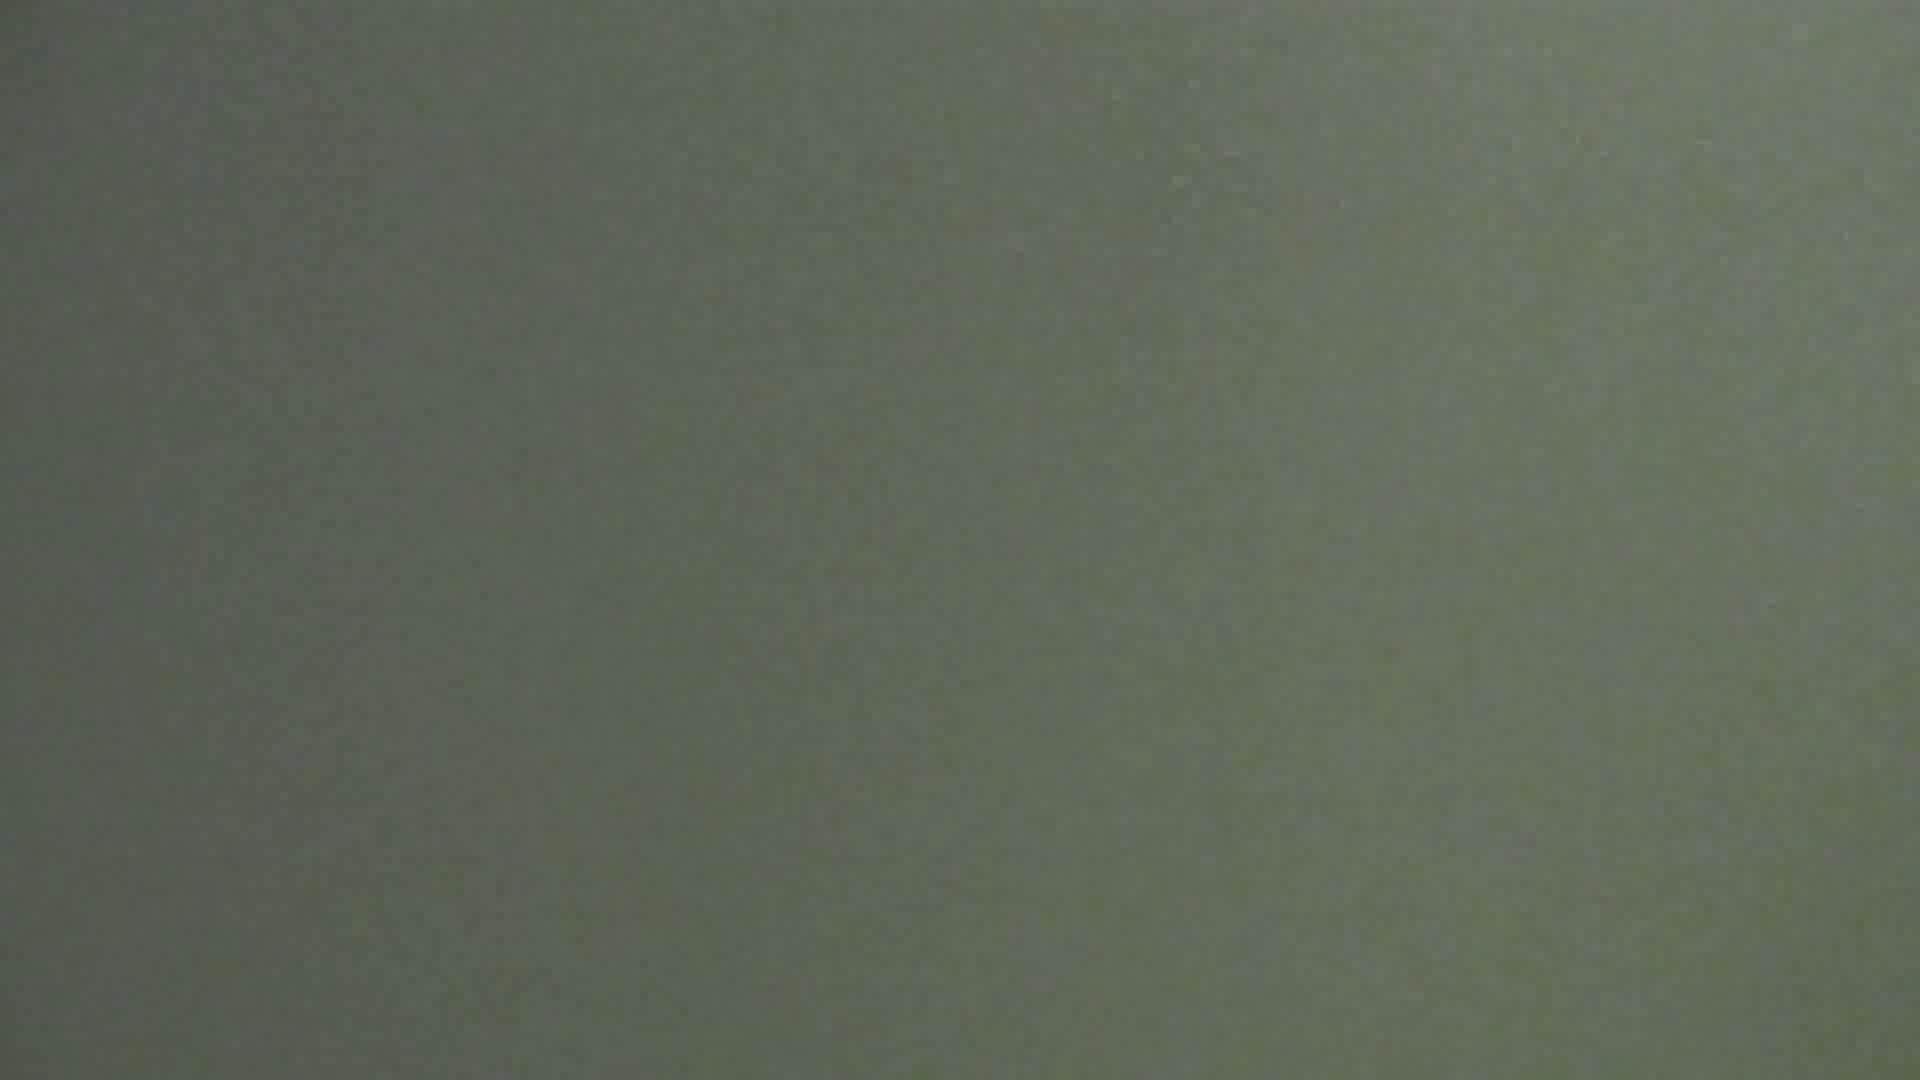 世界の射窓から vol.35 女厕偷拍, 美罗城 南宁国贸 お姉さんのSEX エロ画像 78枚 28